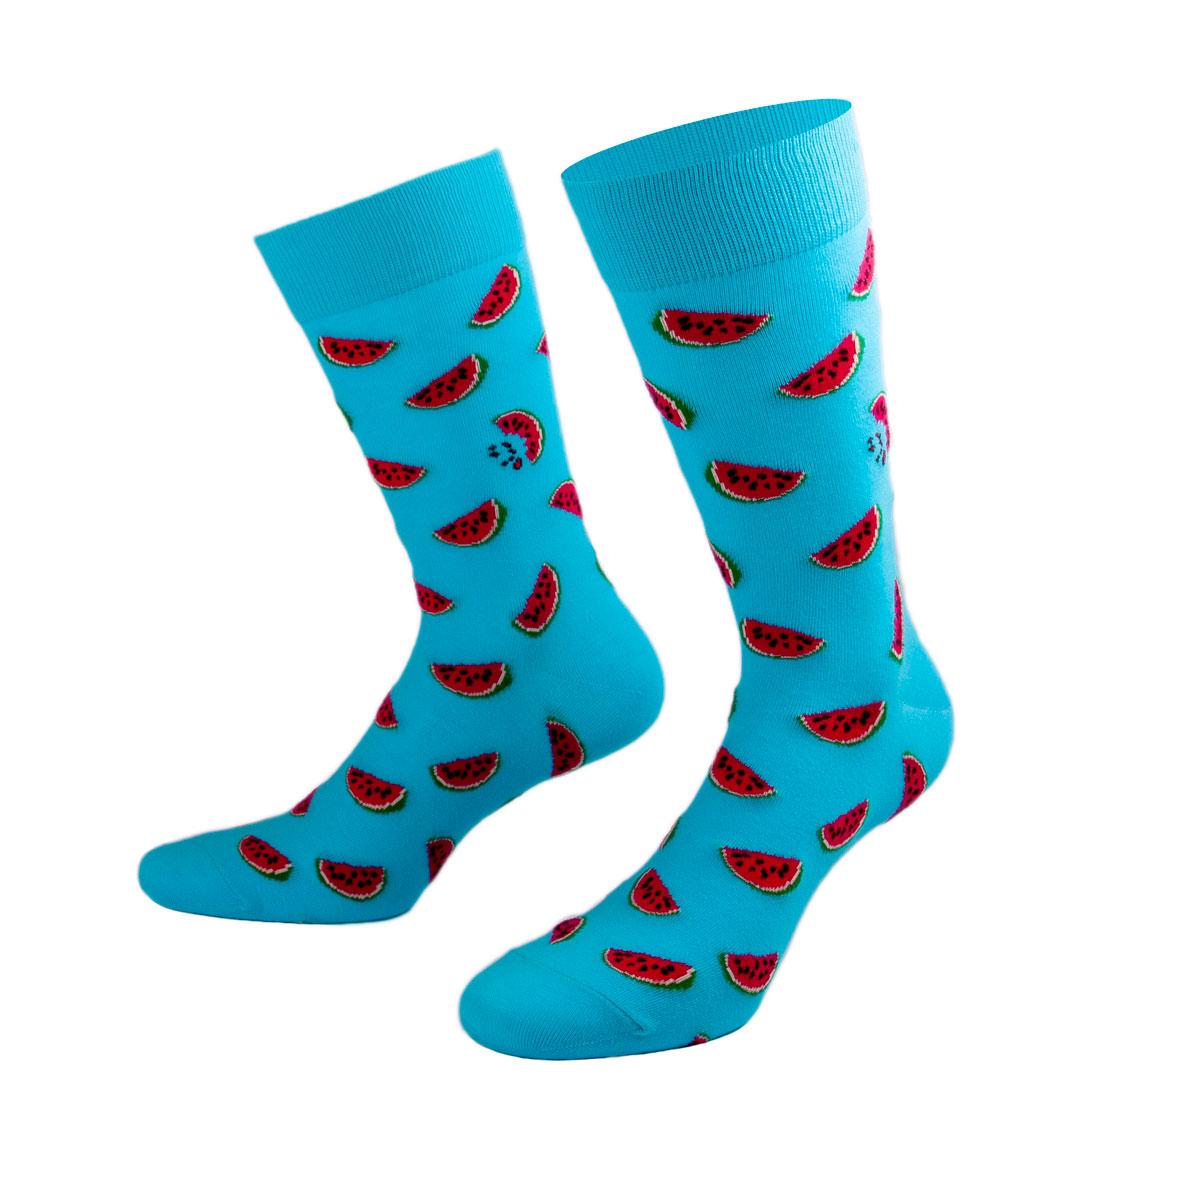 Türkisfarbene Socken mit saftigen Melonen von PATRON SOCKS